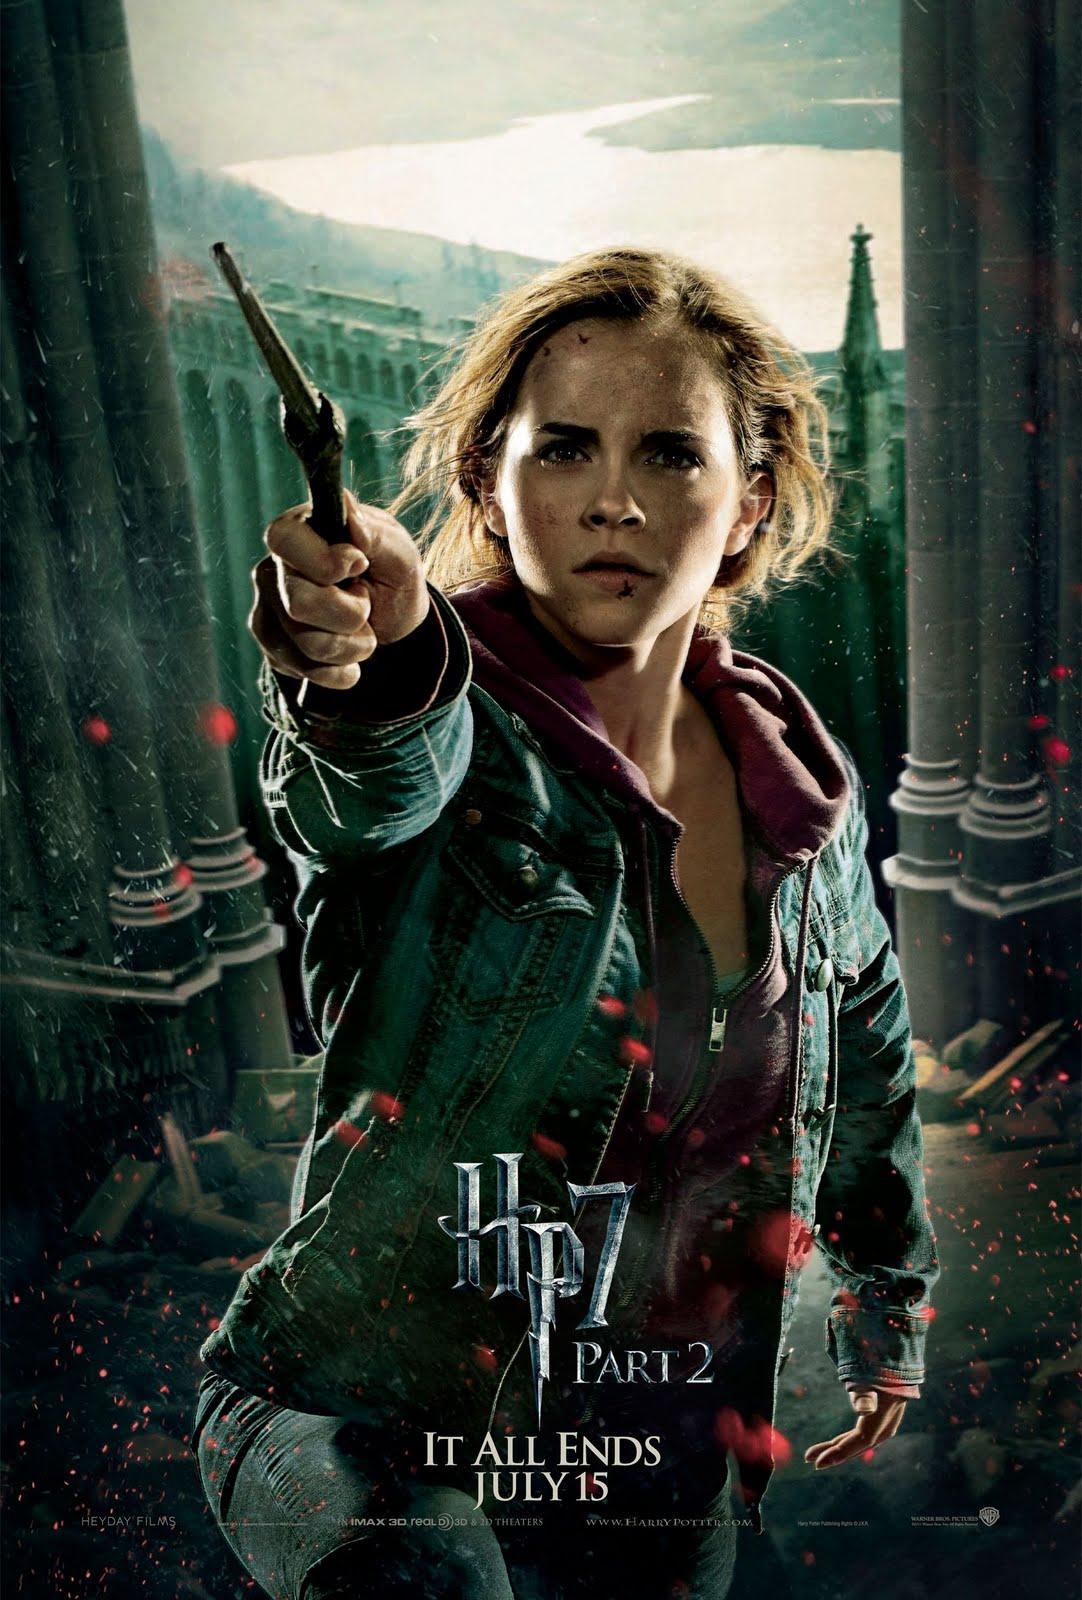 http://1.bp.blogspot.com/-KQSCzlctHCc/TfgDuiYAGUI/AAAAAAAAC3c/2iroWf6hB5E/s1600/dh2hr_hermione.jpg